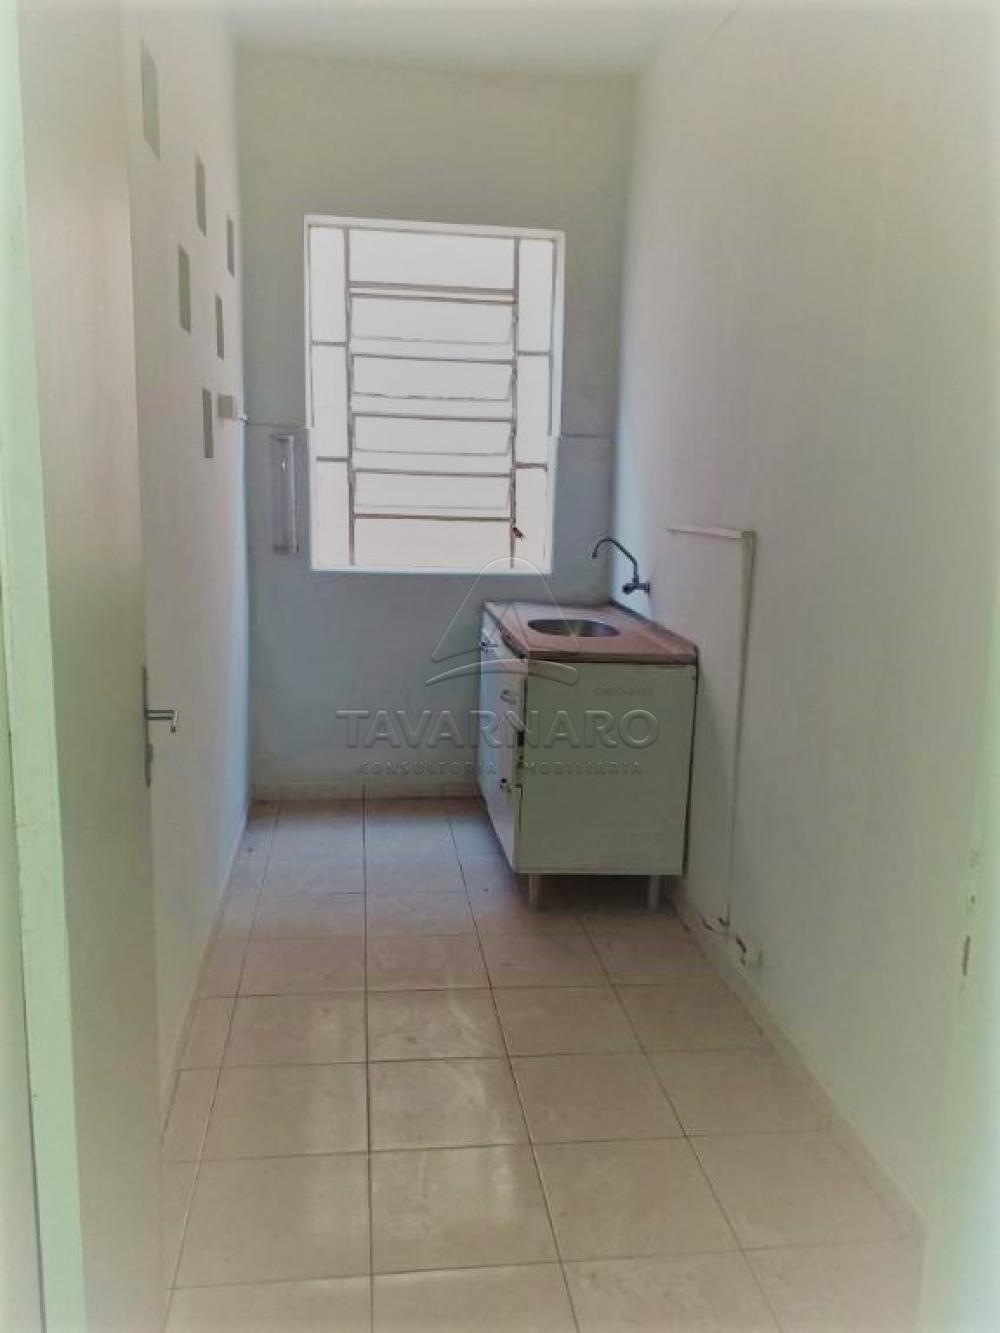 Alugar Casa / Comercial em Ponta Grossa apenas R$ 2.700,00 - Foto 5